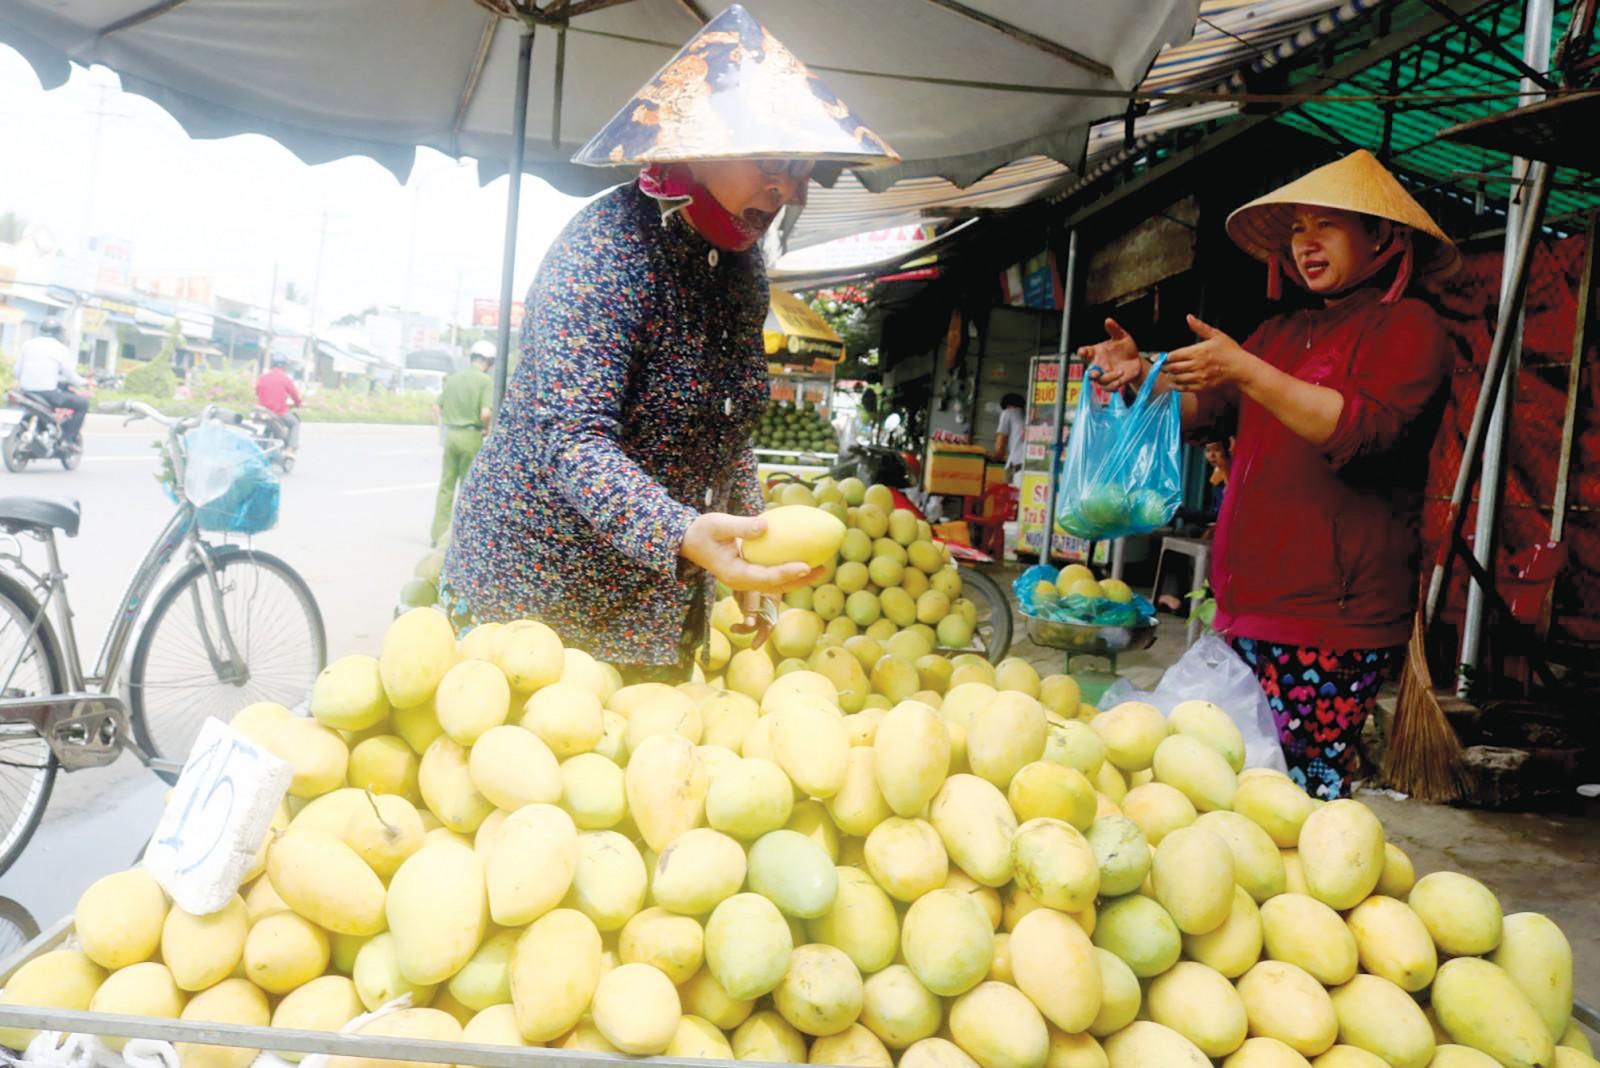 Mua bán trái cây tại một điểm kinh doanh trái cây ở quận Ninh Kiều, TP Cần Thơ. Ảnh: KHÁNH TRUNG